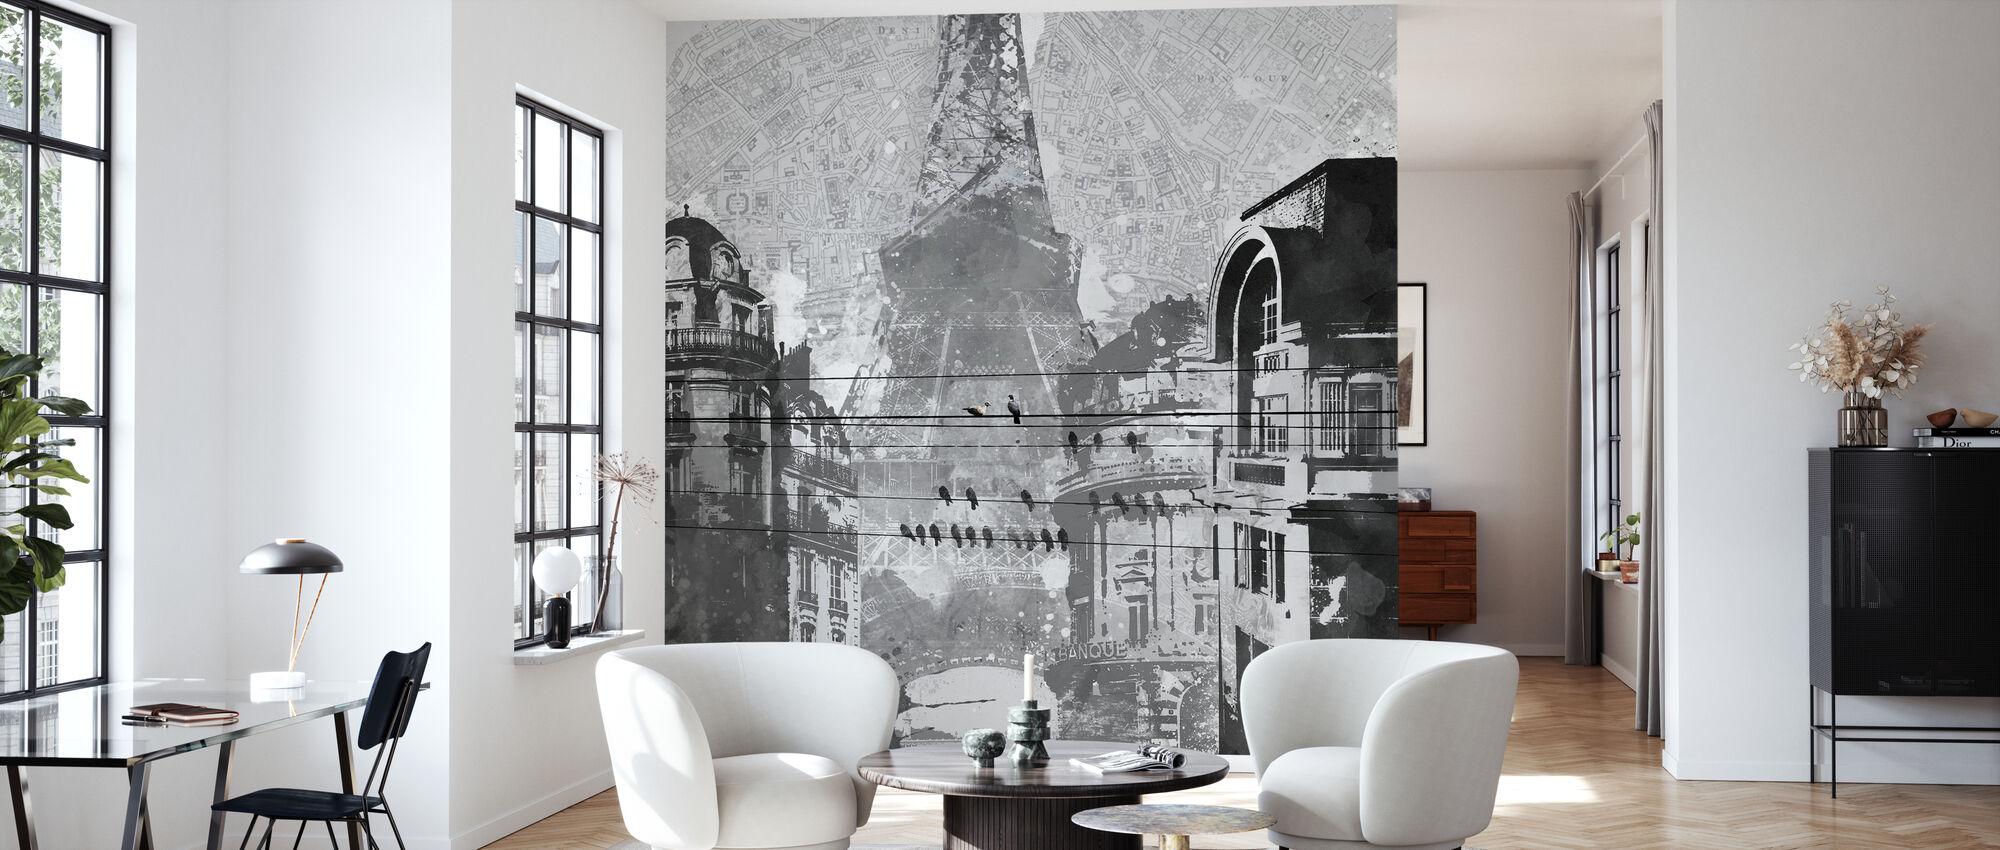 Pariisin linnut - Tapetti - Olohuone